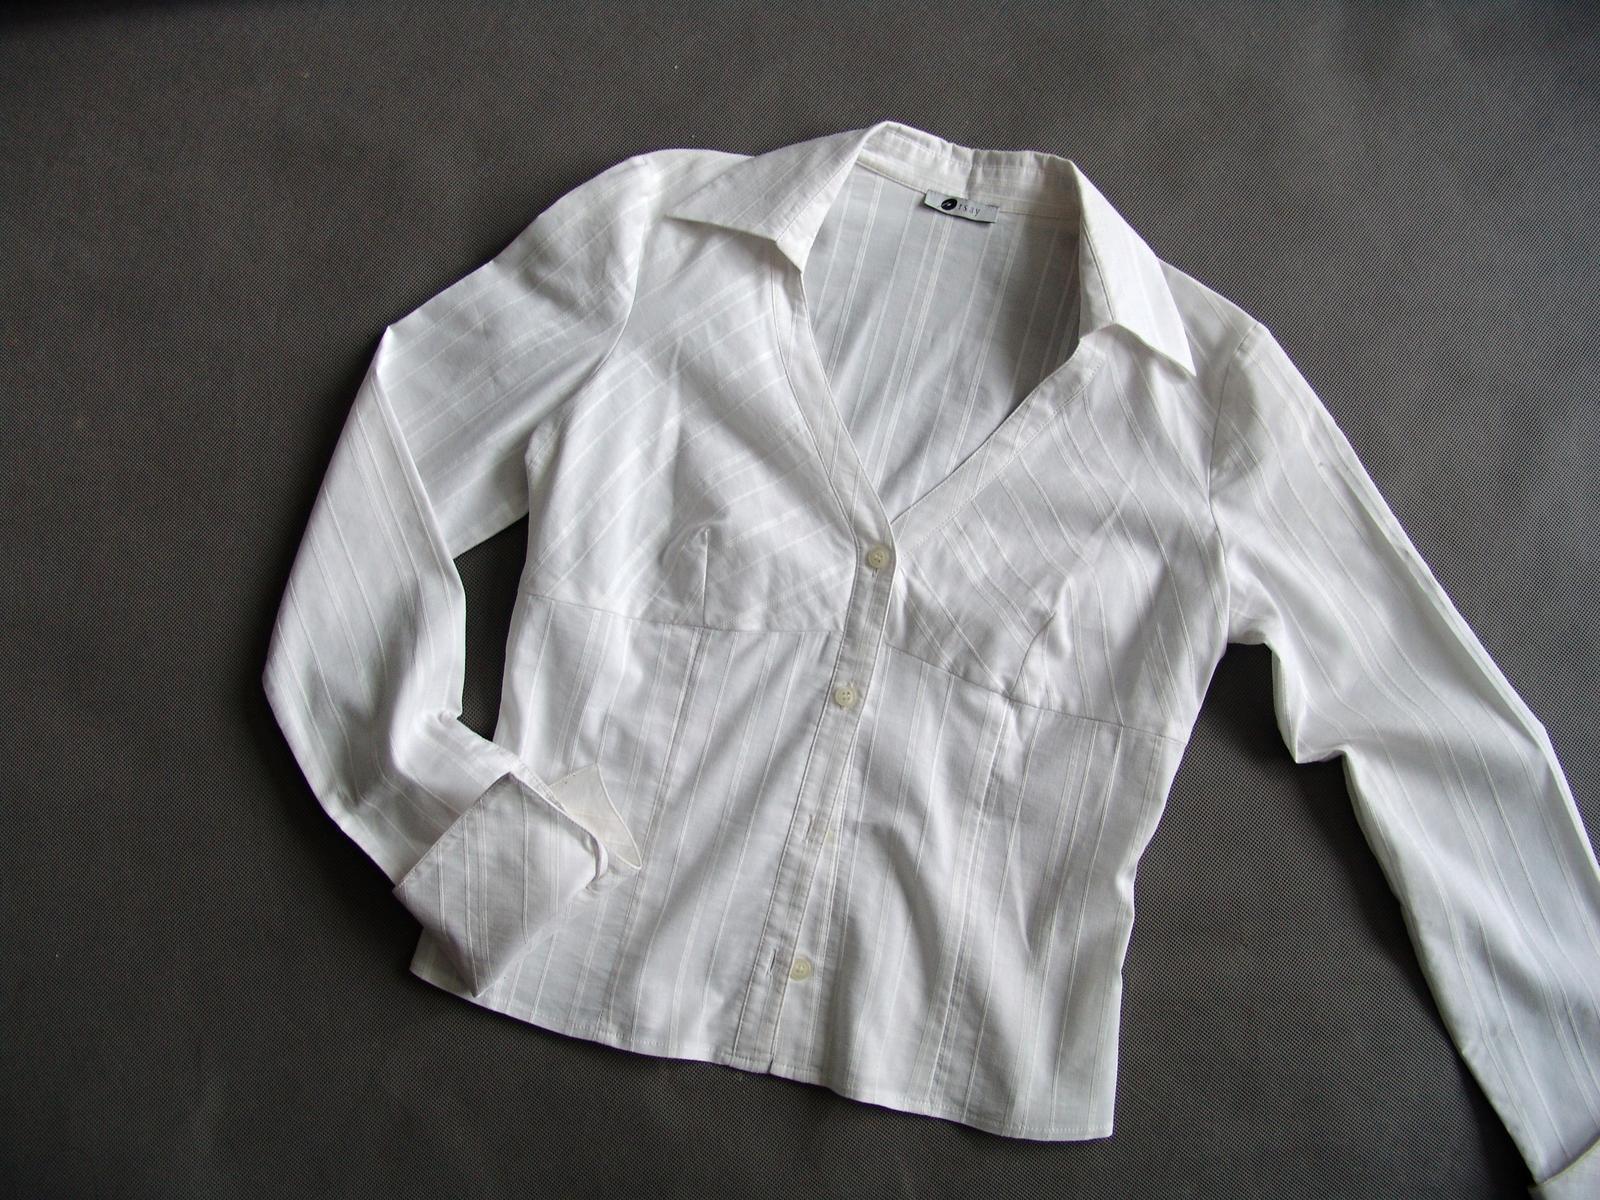 Bílá košile Orsay - Obrázek č. 1